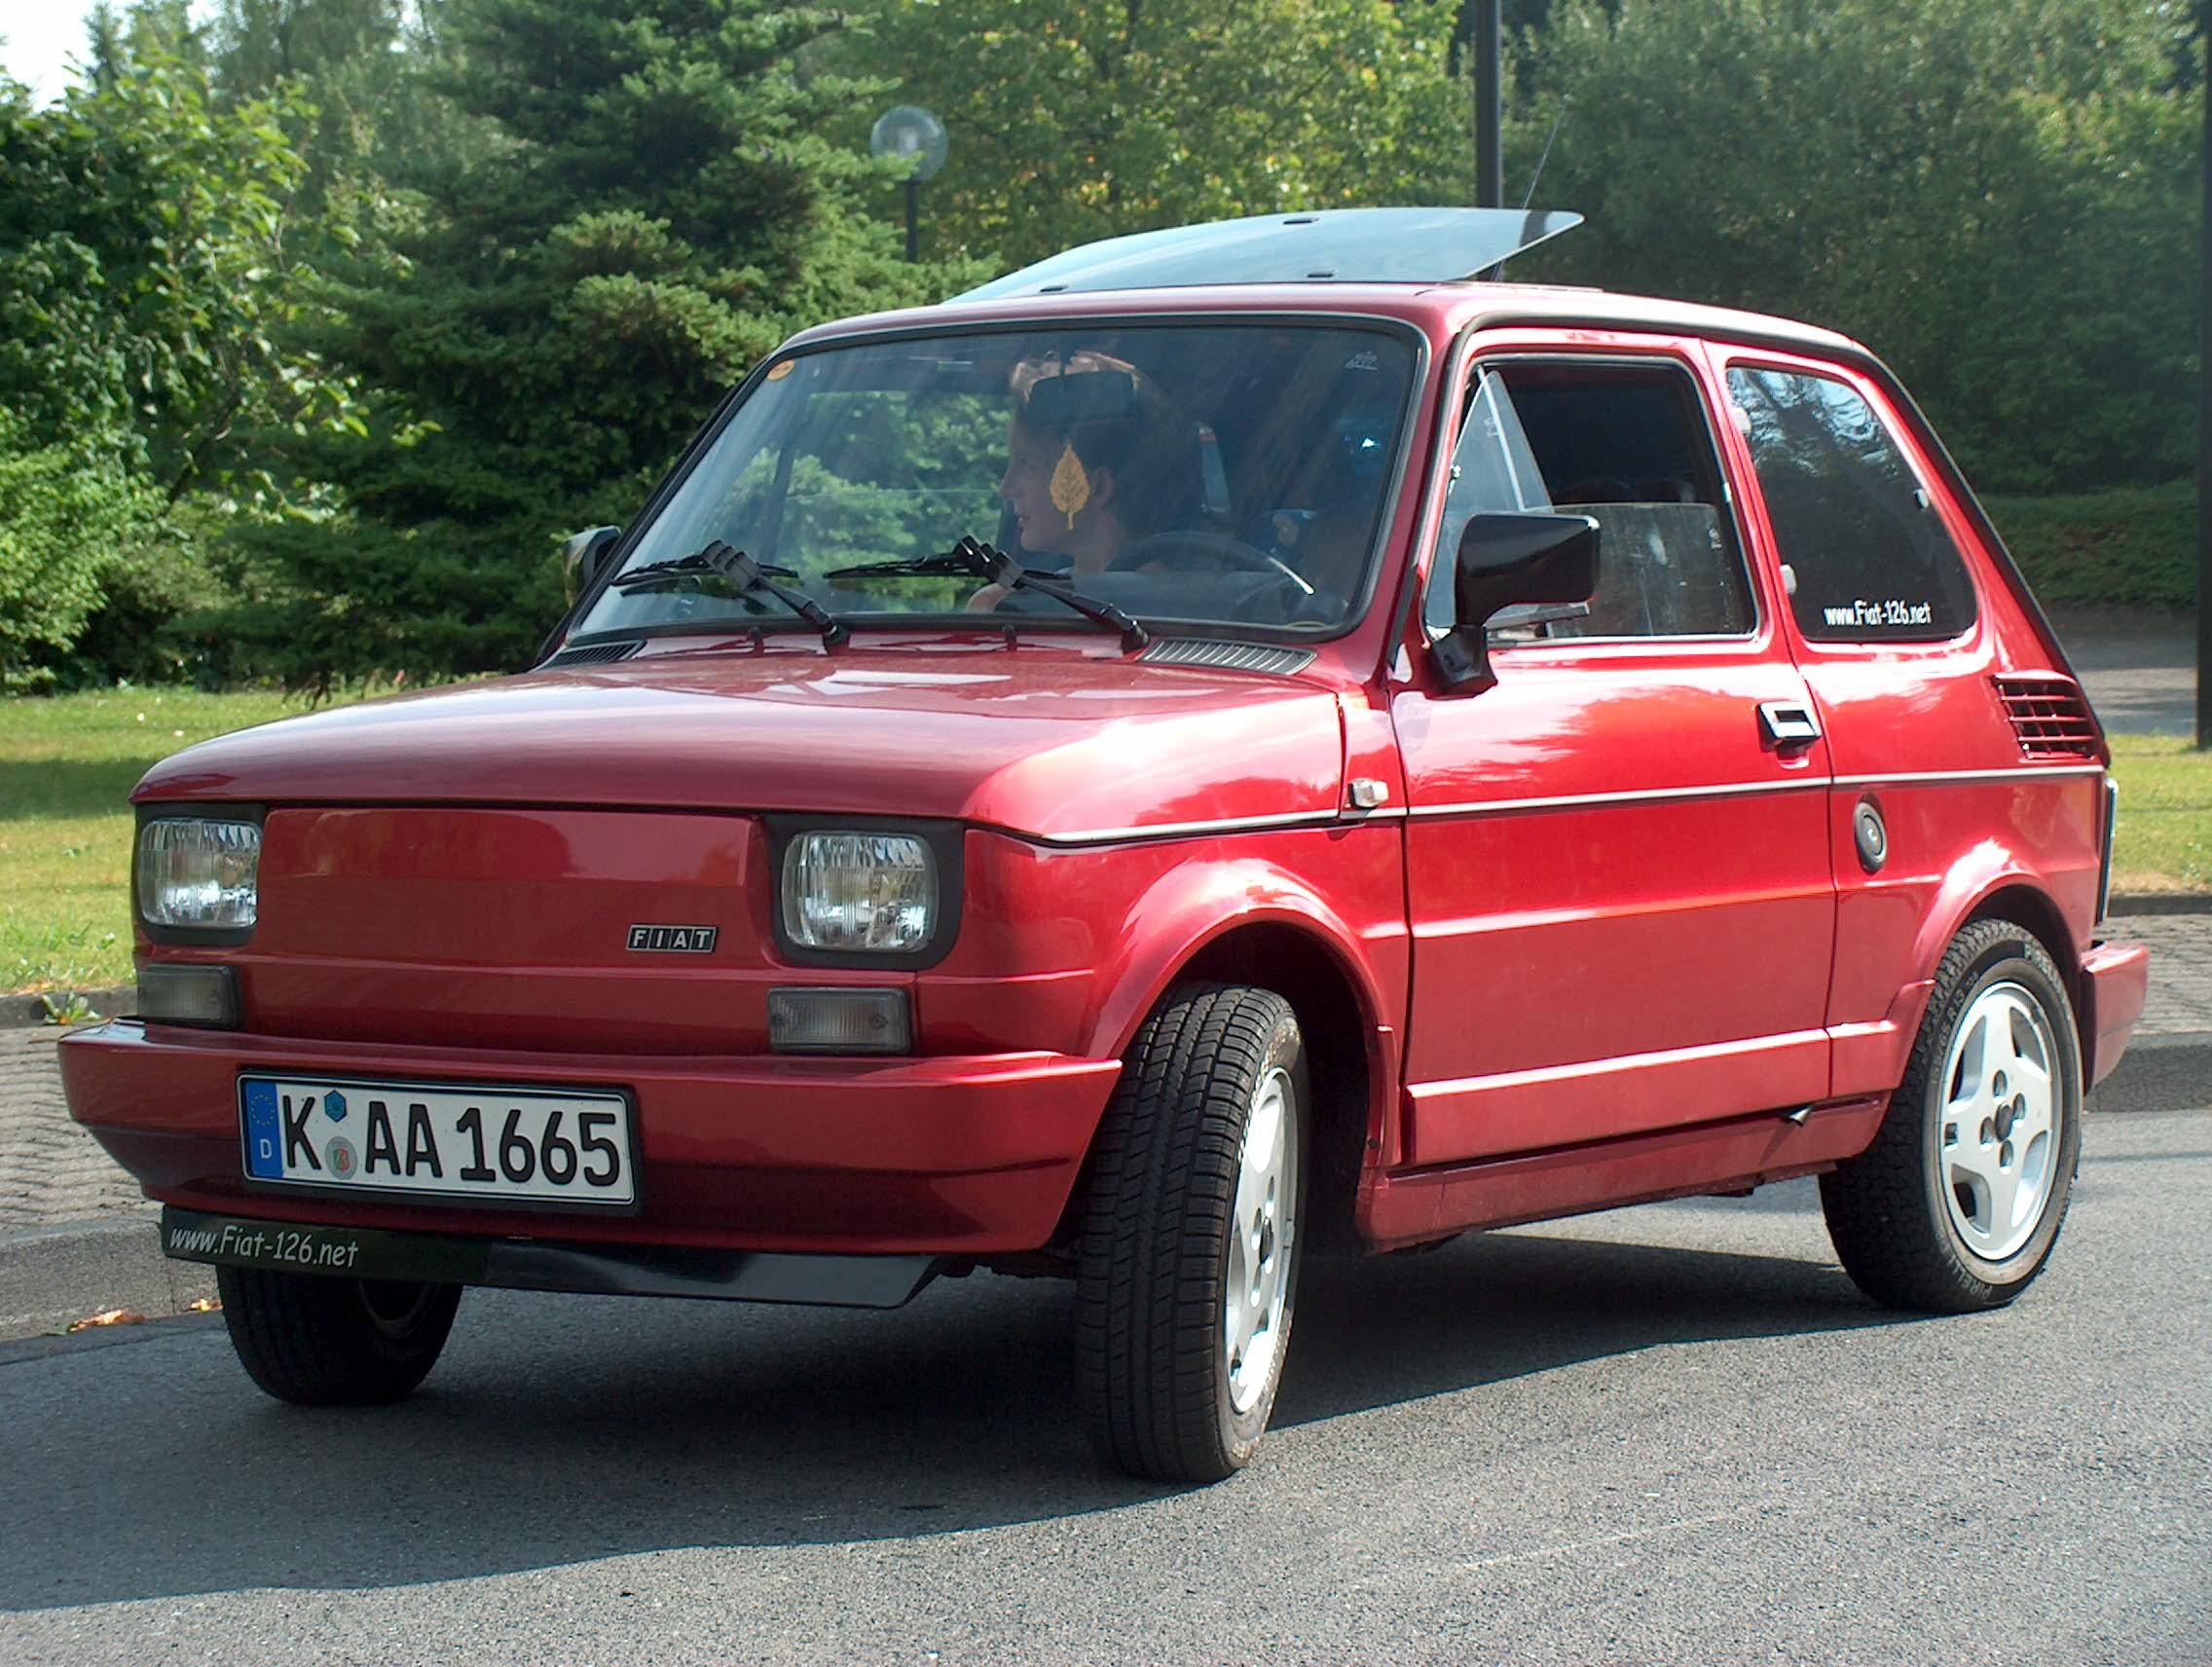 Shl together with Fiat 126p Rok 1994 furthermore Wynajem Zaby owych Samochodow furthermore Gid 8174508 img 8174509 page 8 title Fiat 126p Bis 1400 Turbo galeriazdjecie furthermore Index. on fiat 126p